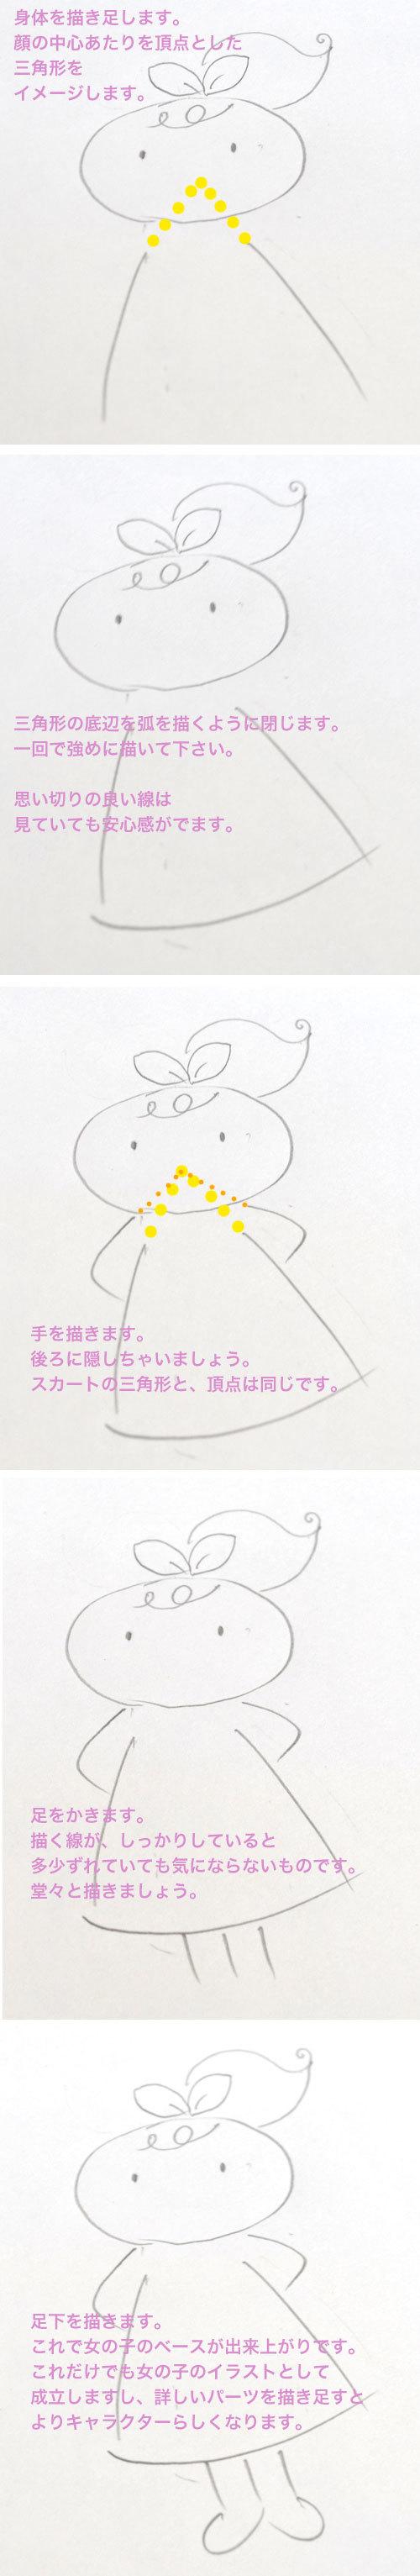 ラフなお絵描き講座(女の子を描いてみましょう!)_d0225198_11433667.jpg